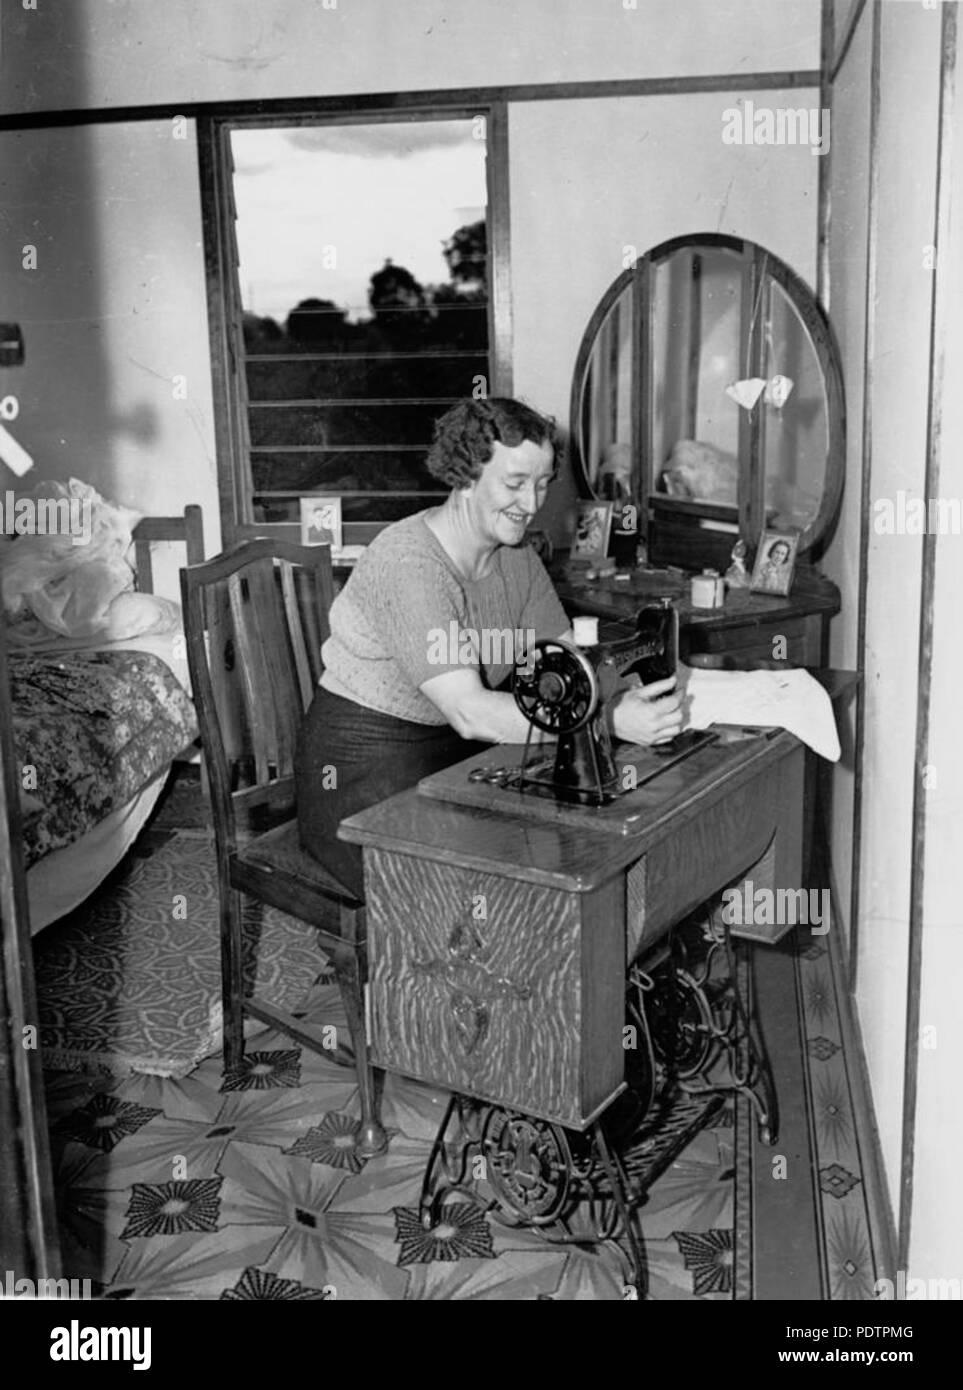 rencontres chanteur machines à coudre à pédale section 12,3 datant avec la clé de réponse de radioactivité